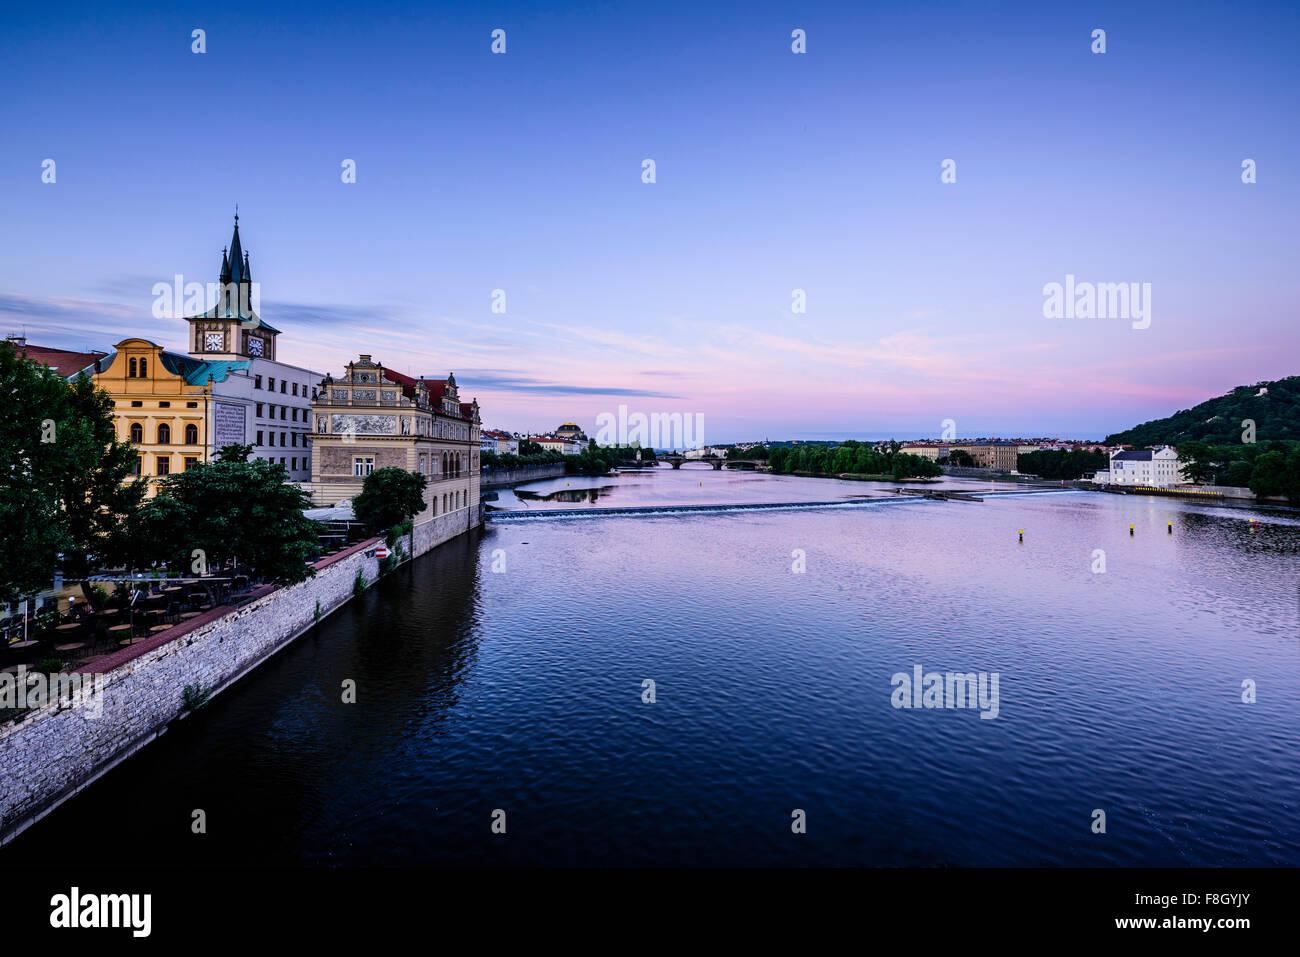 Blauer Himmel über Prag Waterfront, Tschechische Republik Stockbild